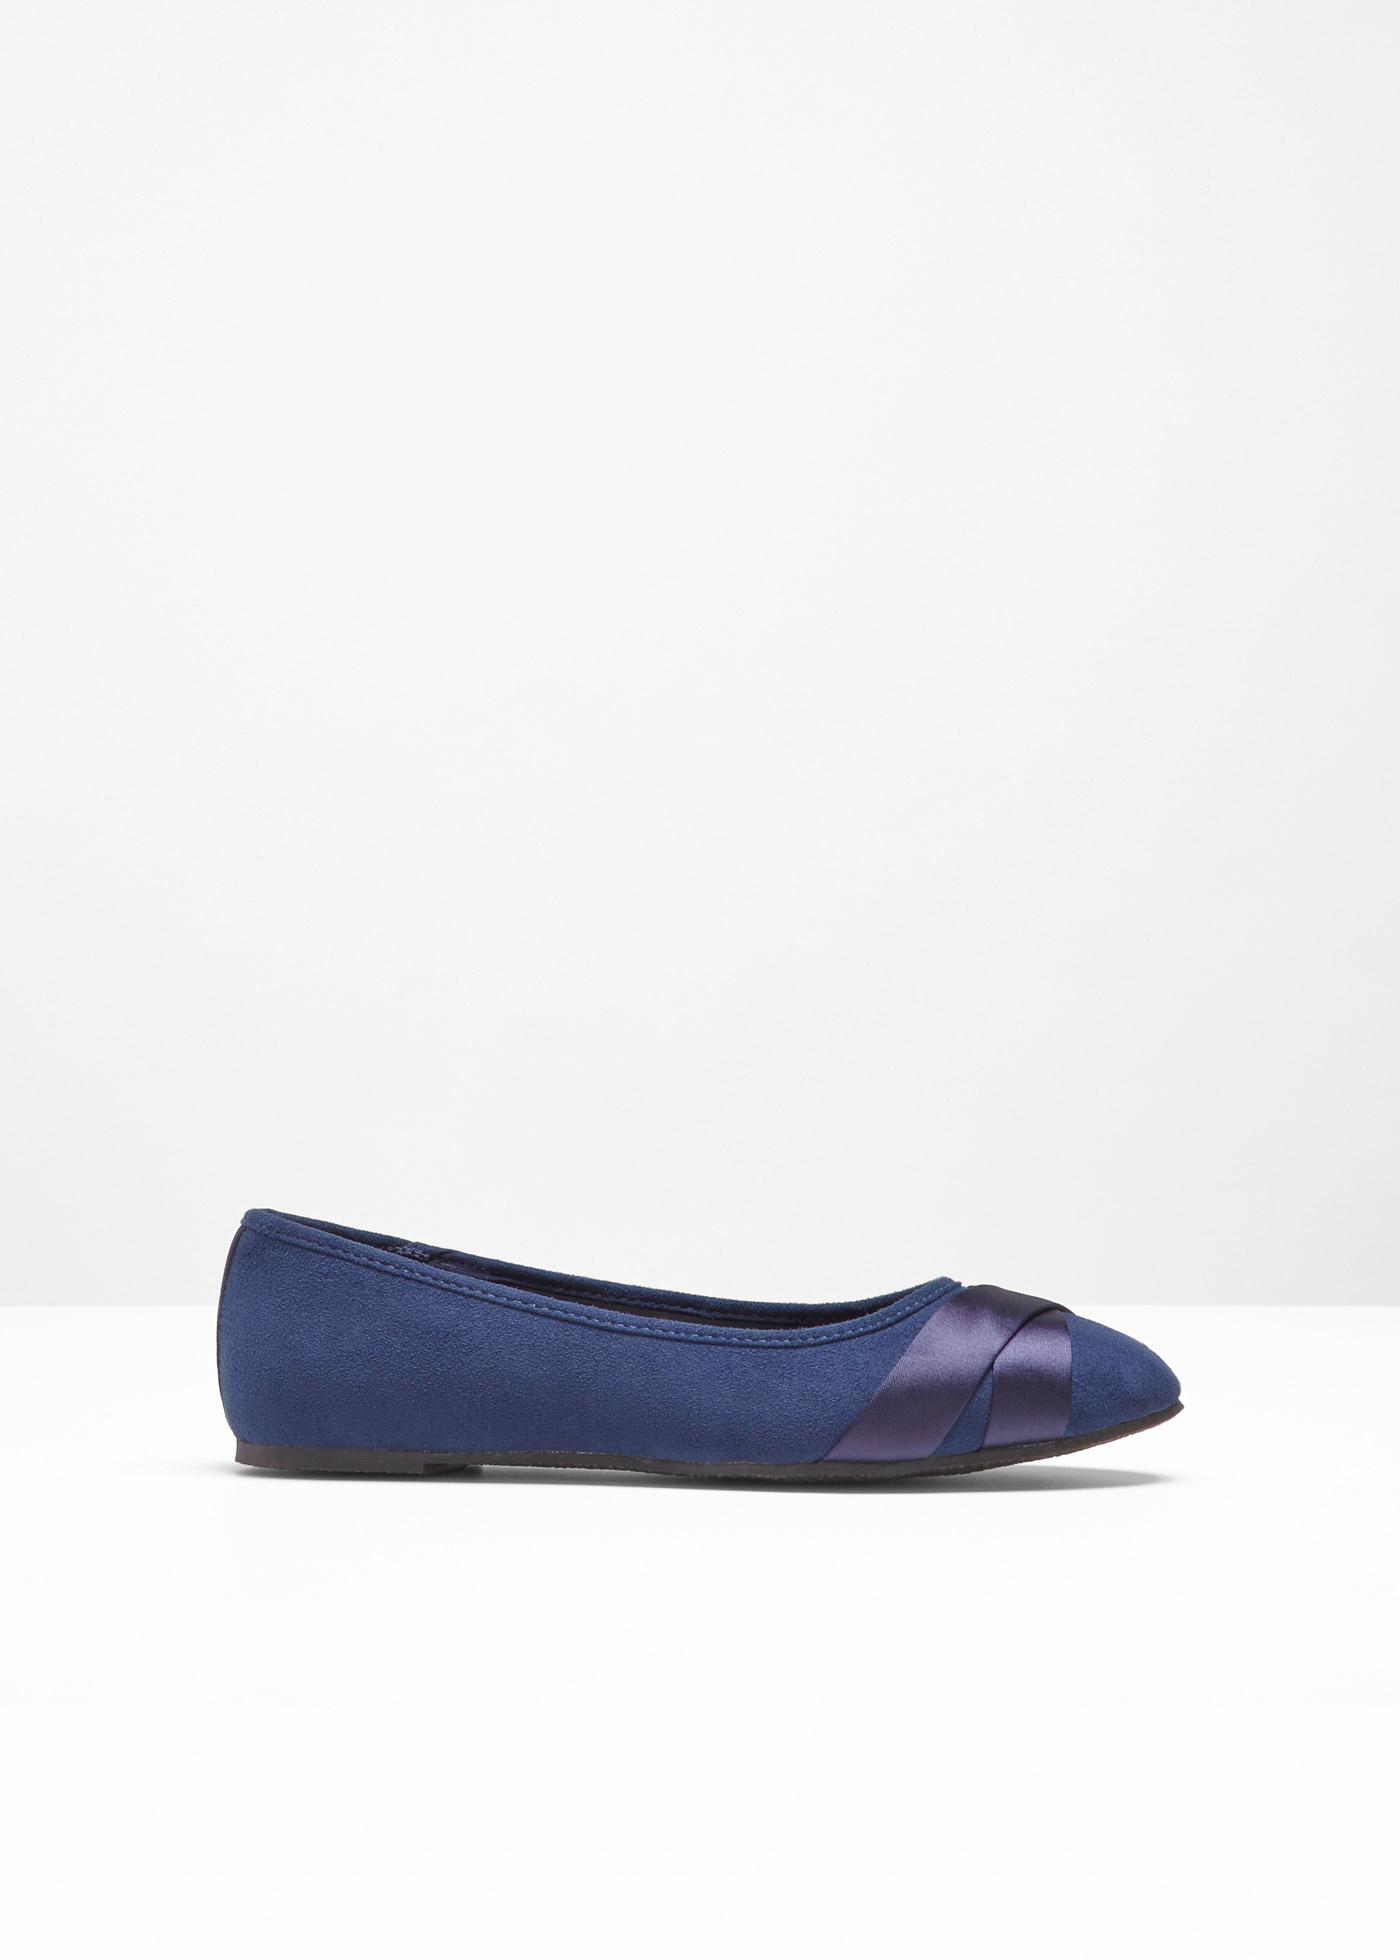 Bonprix CollectionBallerines Pour Bpc Bleu Femme MzqUpSV